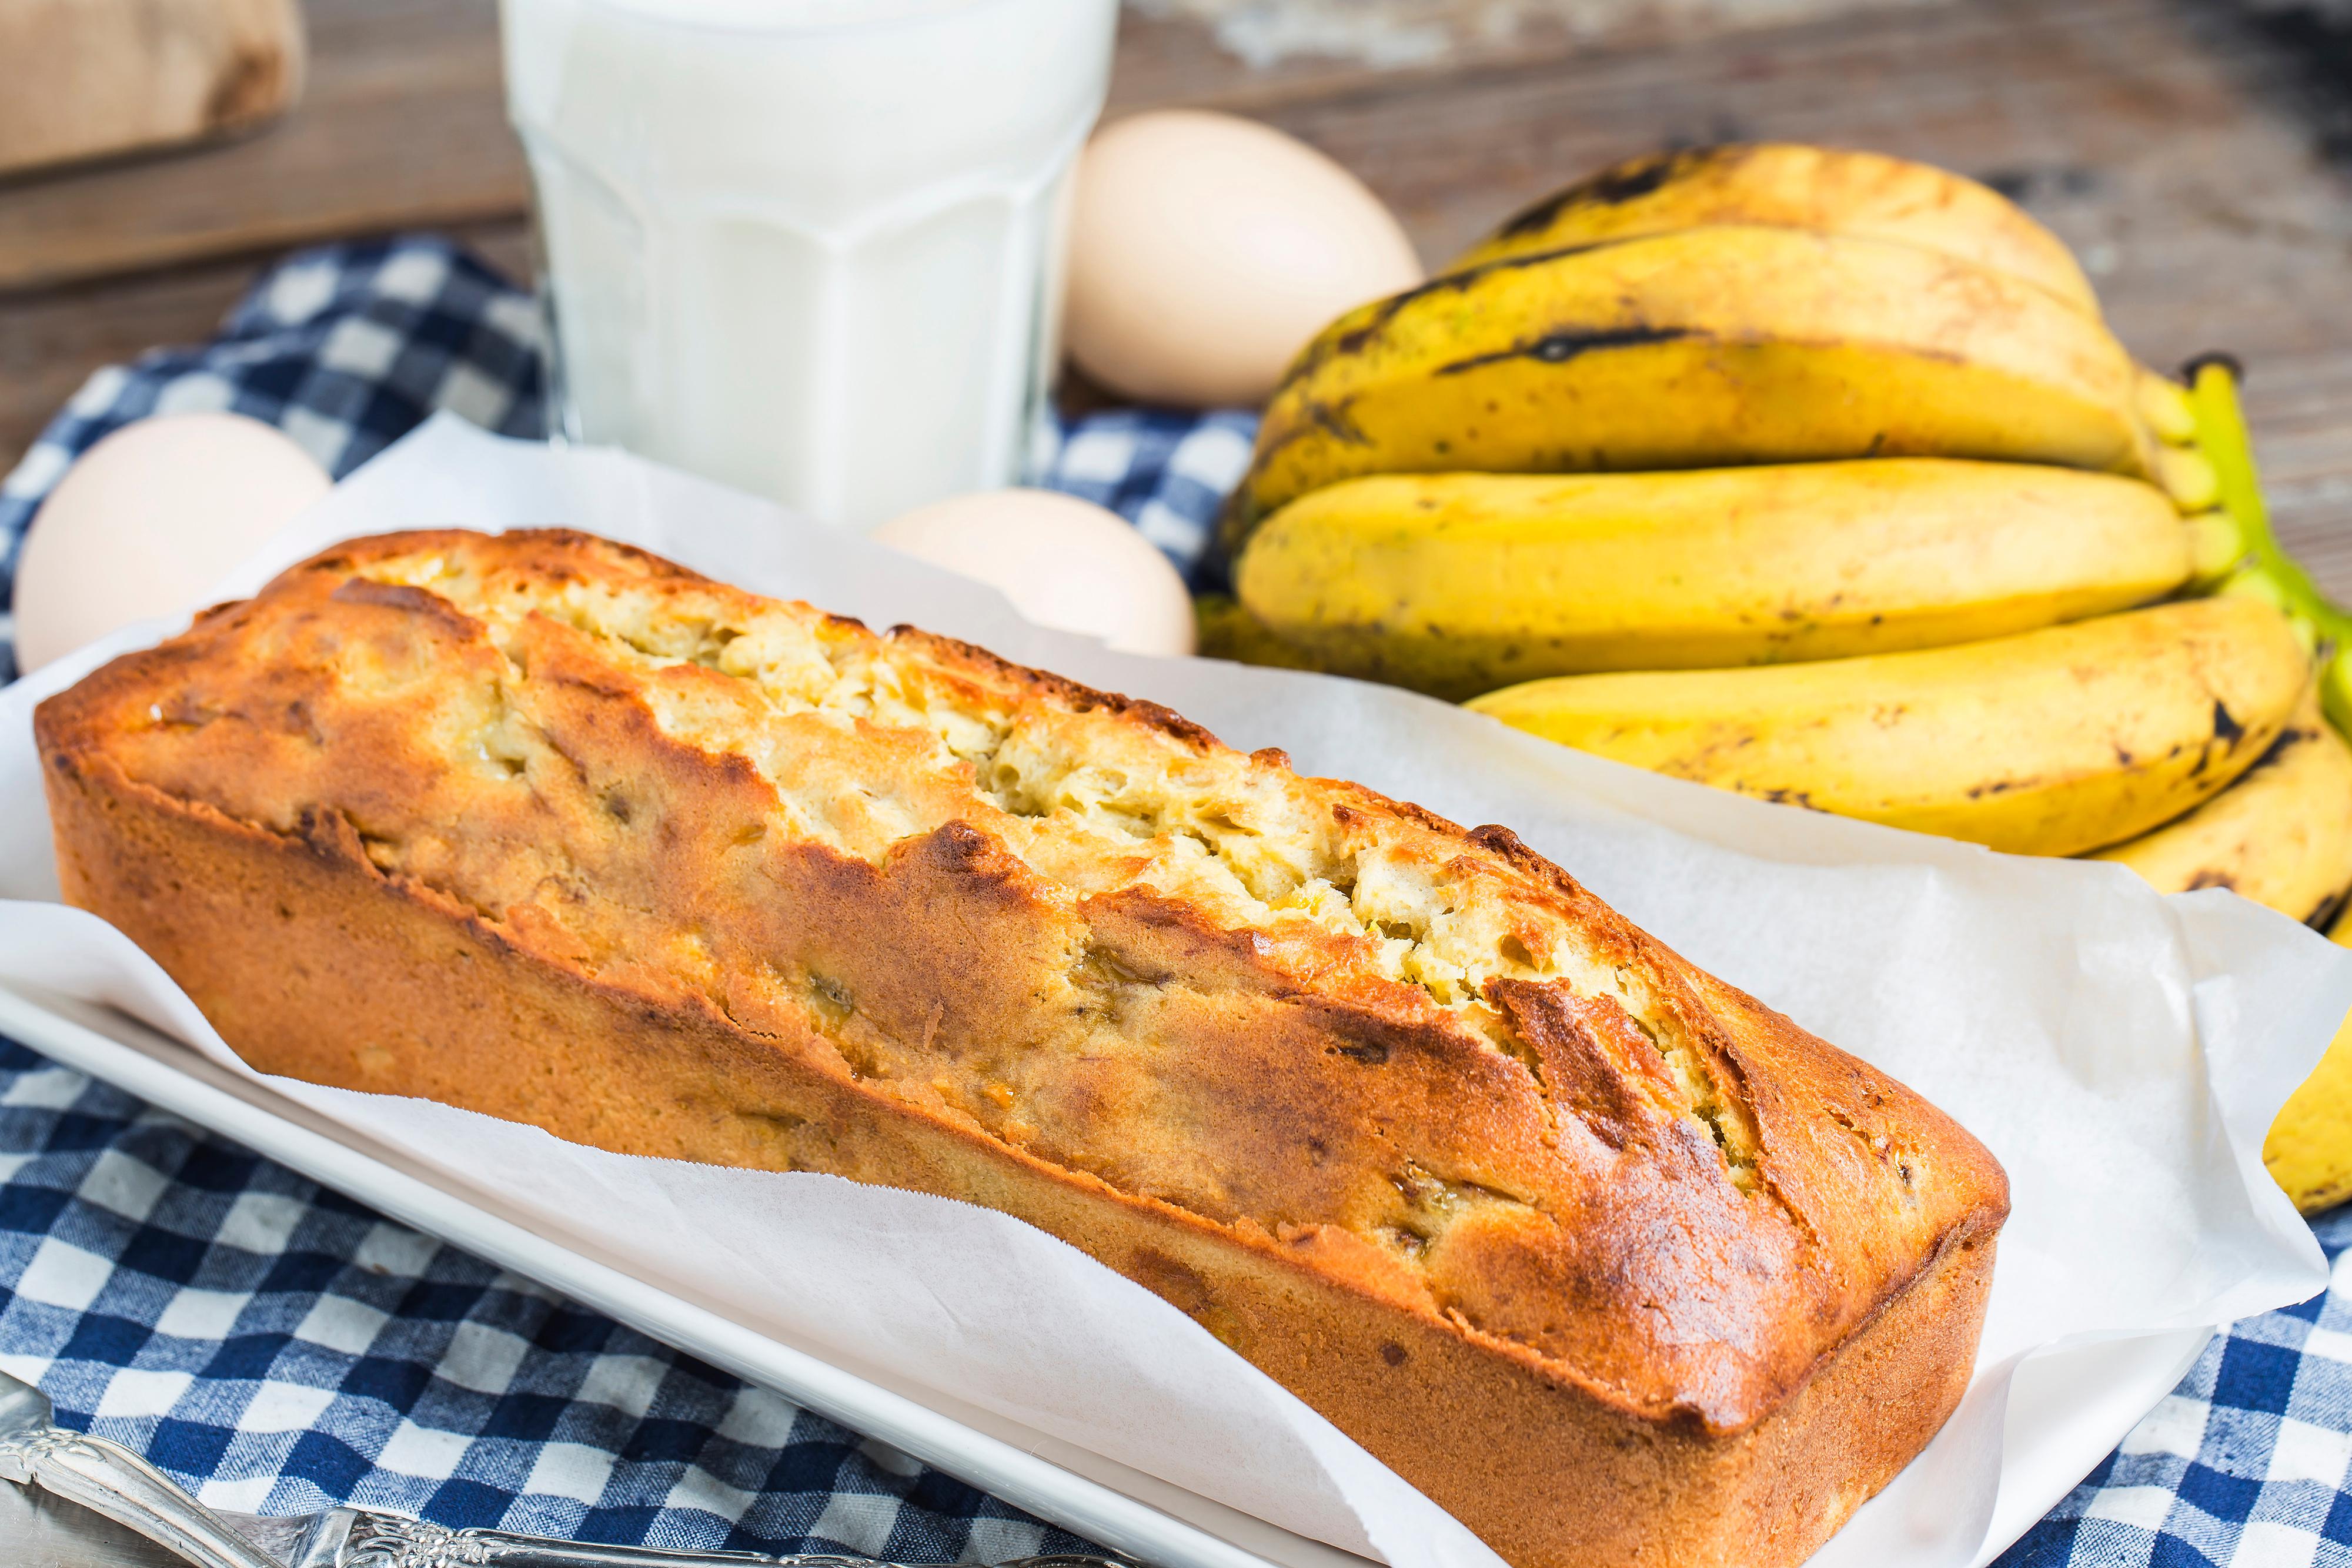 Банан қосылған нан: ДӘМІ ТІЛ ҮЙІРЕДІ